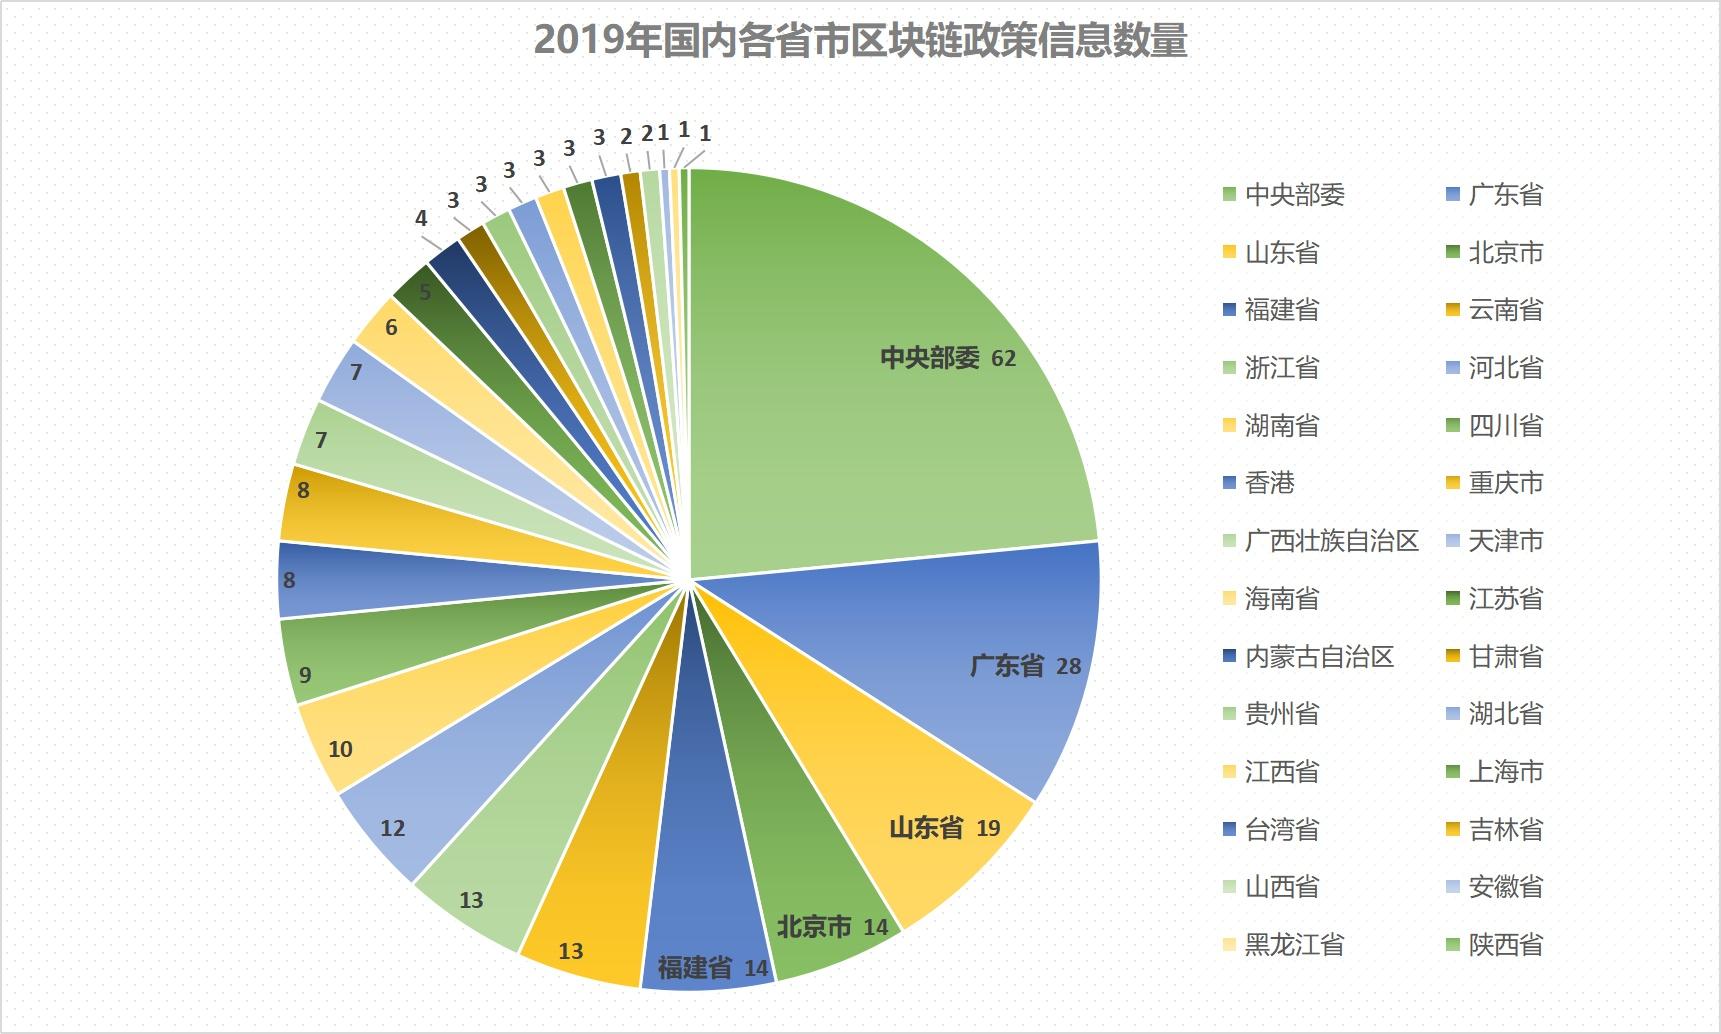 2019年全球区块链政策年报:中国重在扶持 美国多是监管插图12